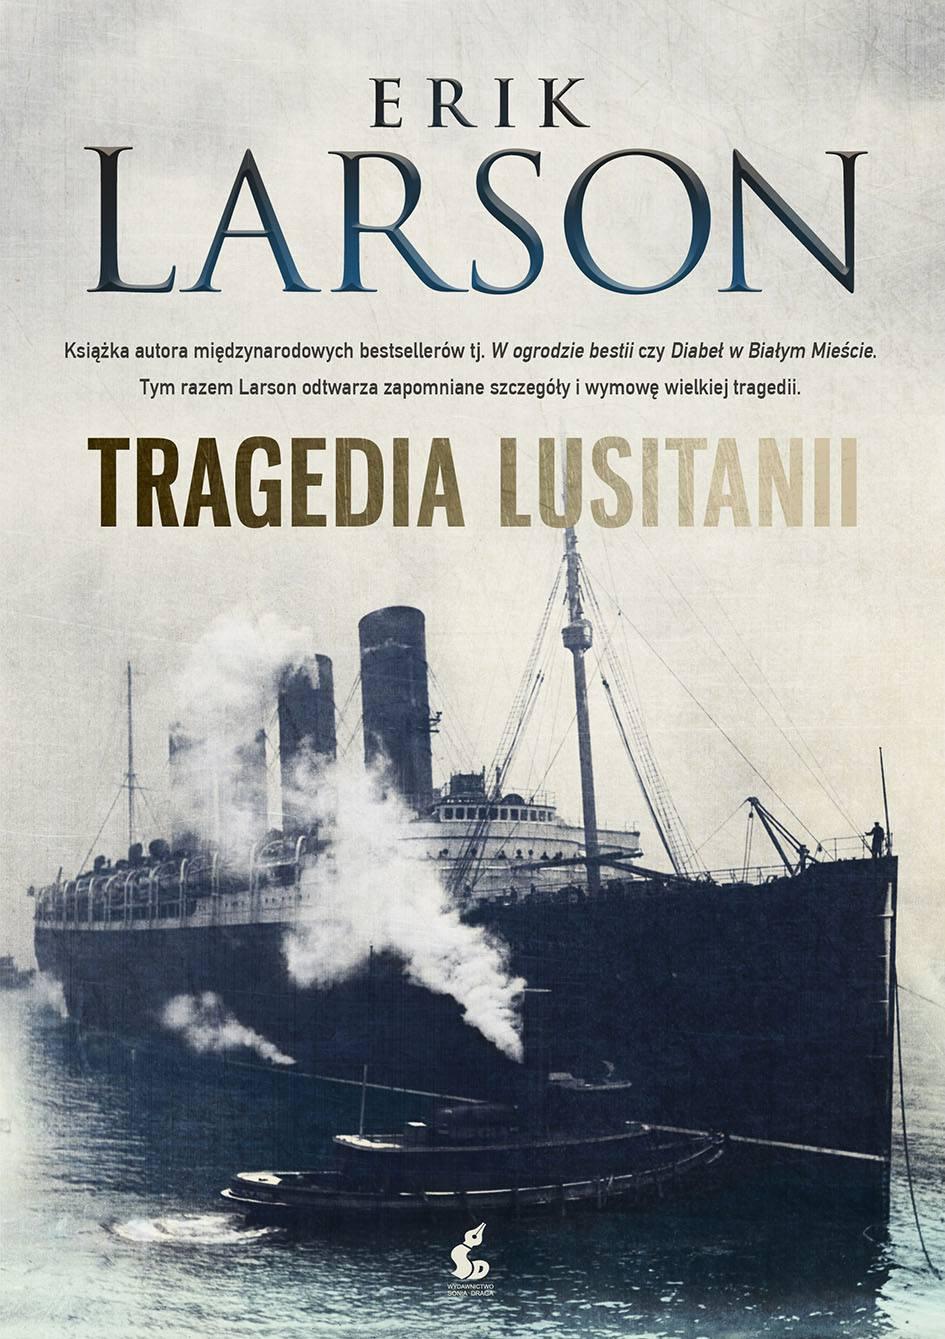 Tragedia Lusitanii - Ebook (Książka EPUB) do pobrania w formacie EPUB